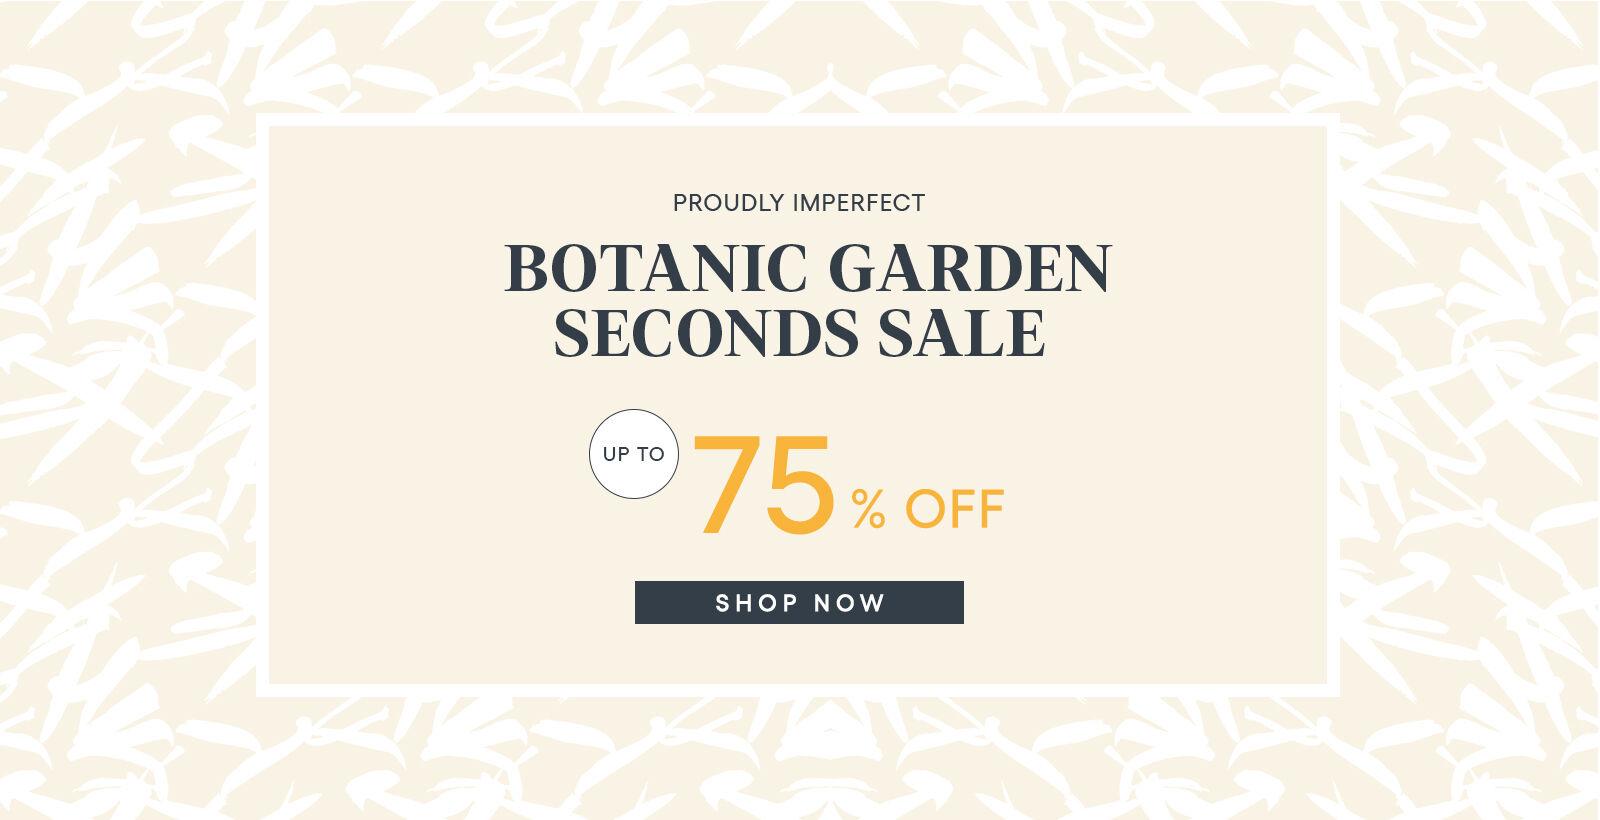 Seconds Sale